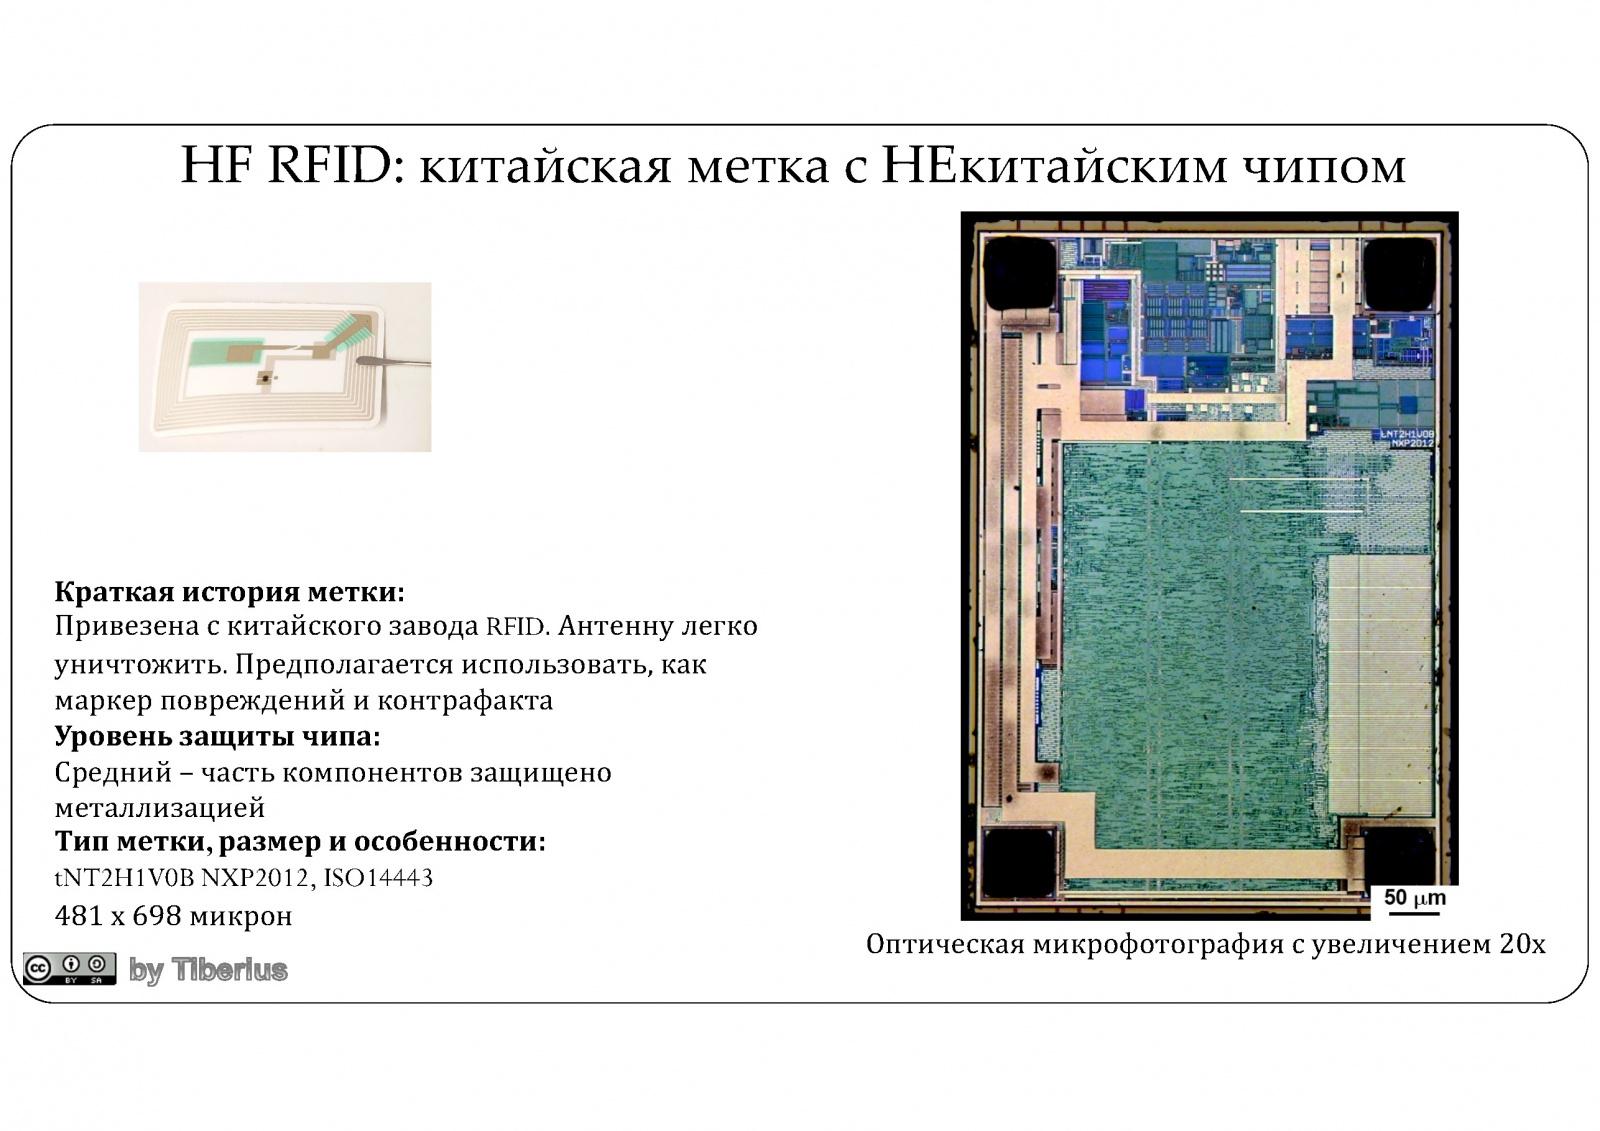 Взгляд изнутри: RFID в современном мире. Часть 2: китайские RFID - 4